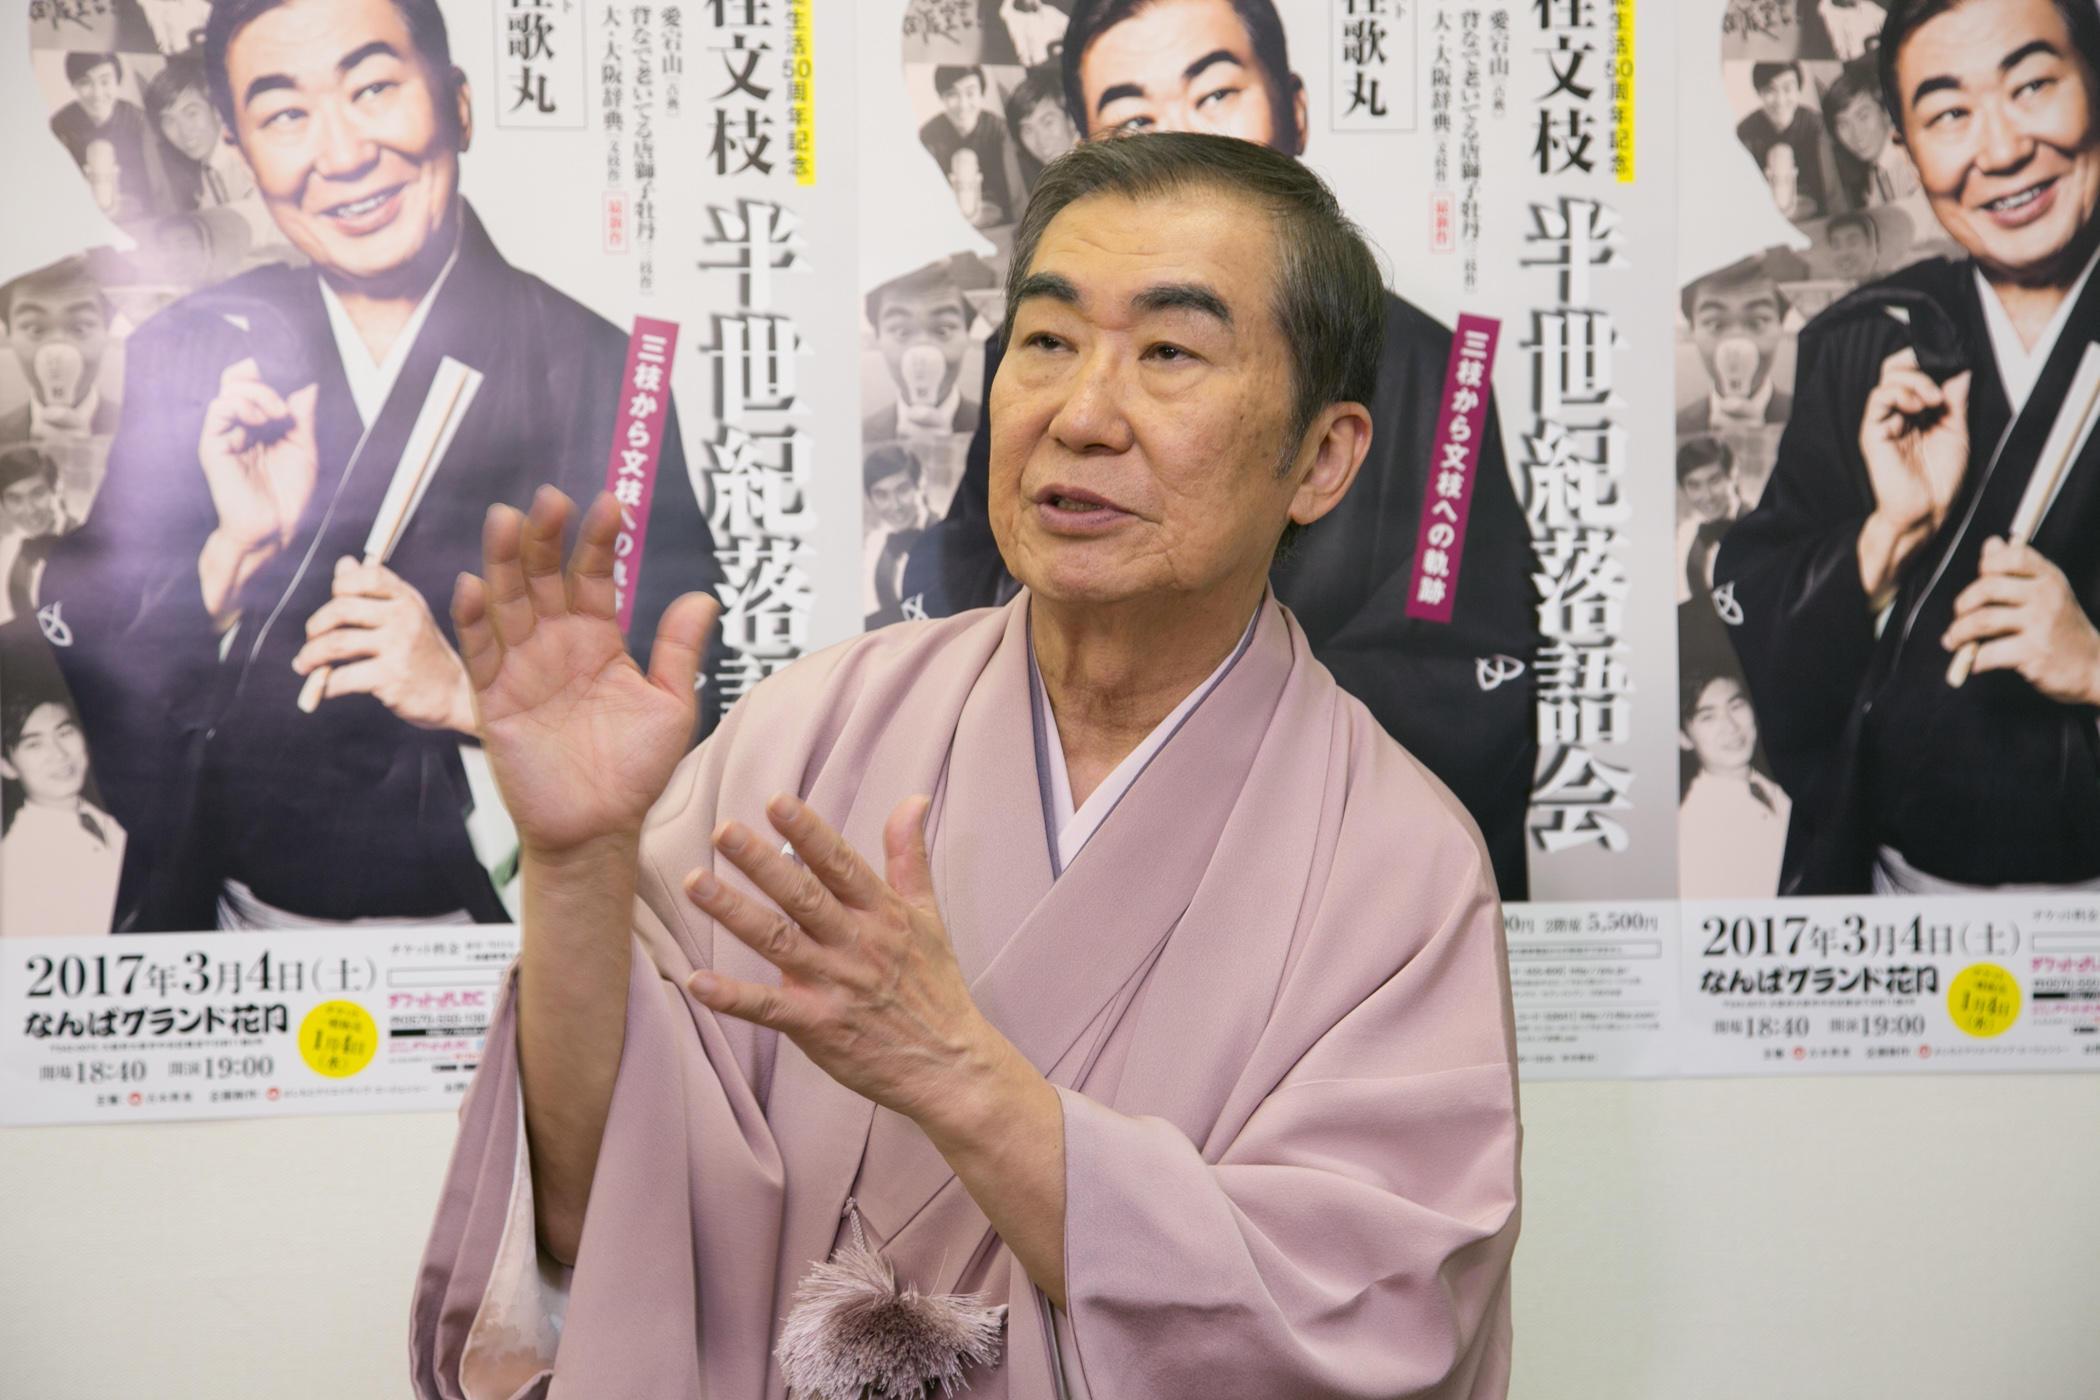 http://news.yoshimoto.co.jp/20170305012014-0d9f8607e77cd61c6191d1cb454b7e4b3ad8932b.jpg